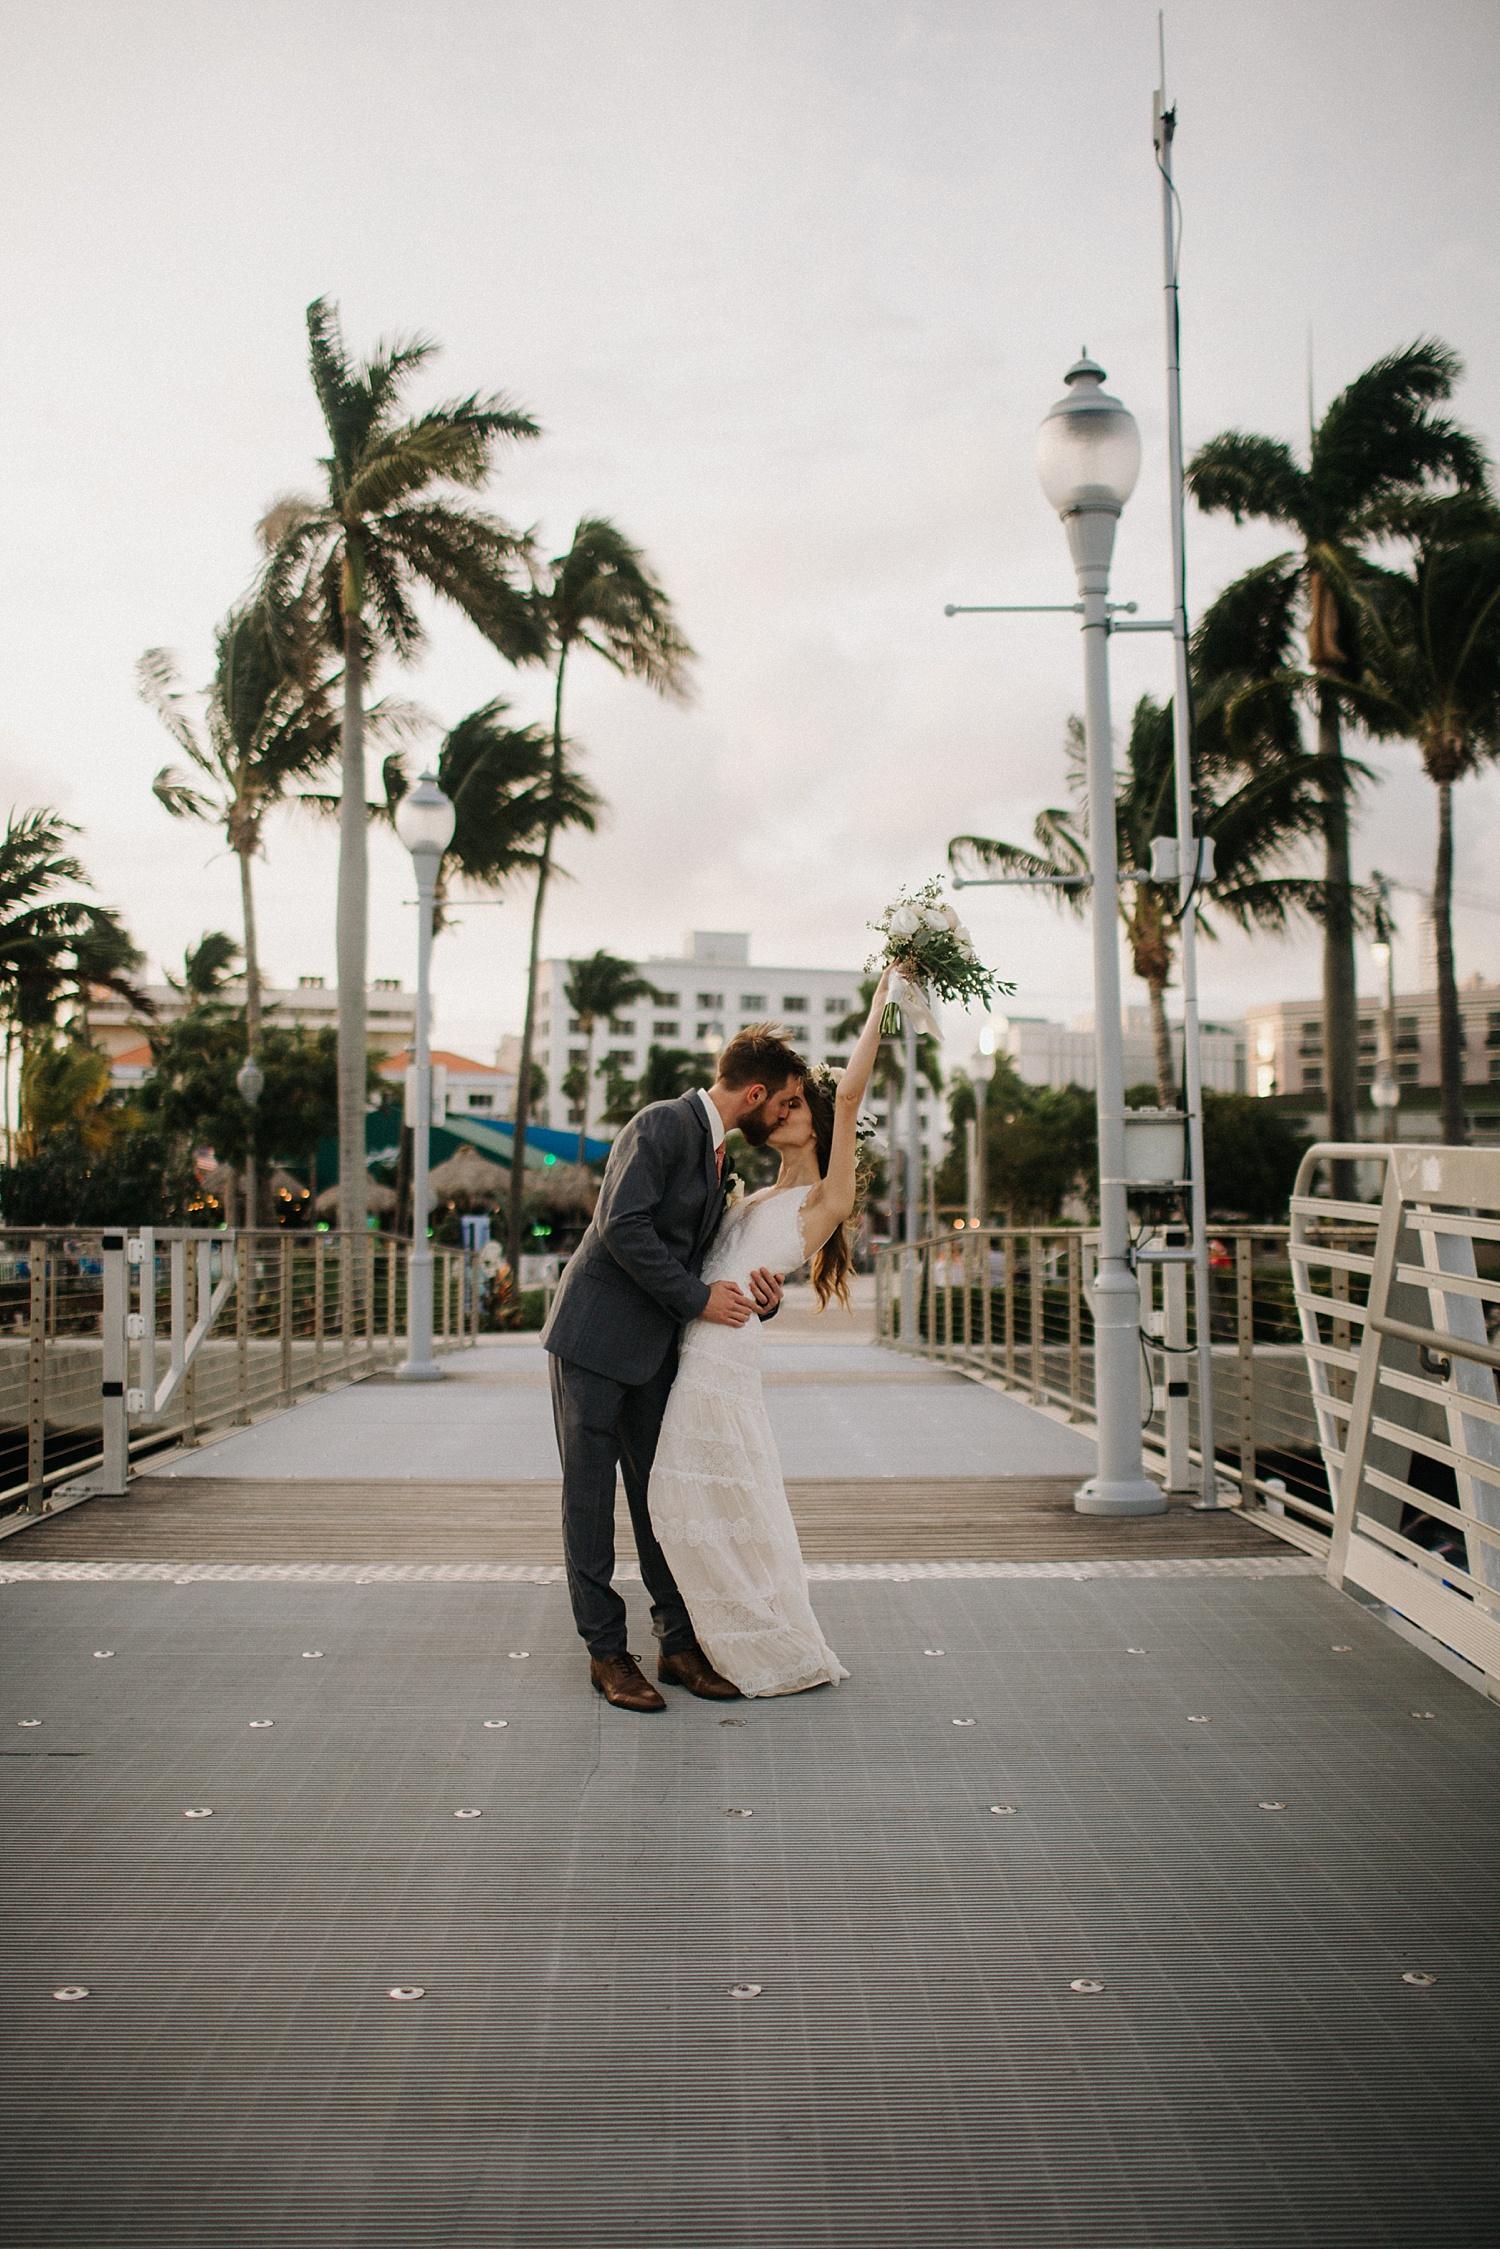 Peter + Kareena Rineer Downtown West Palm Beach December Wedding 2018_0059.jpg